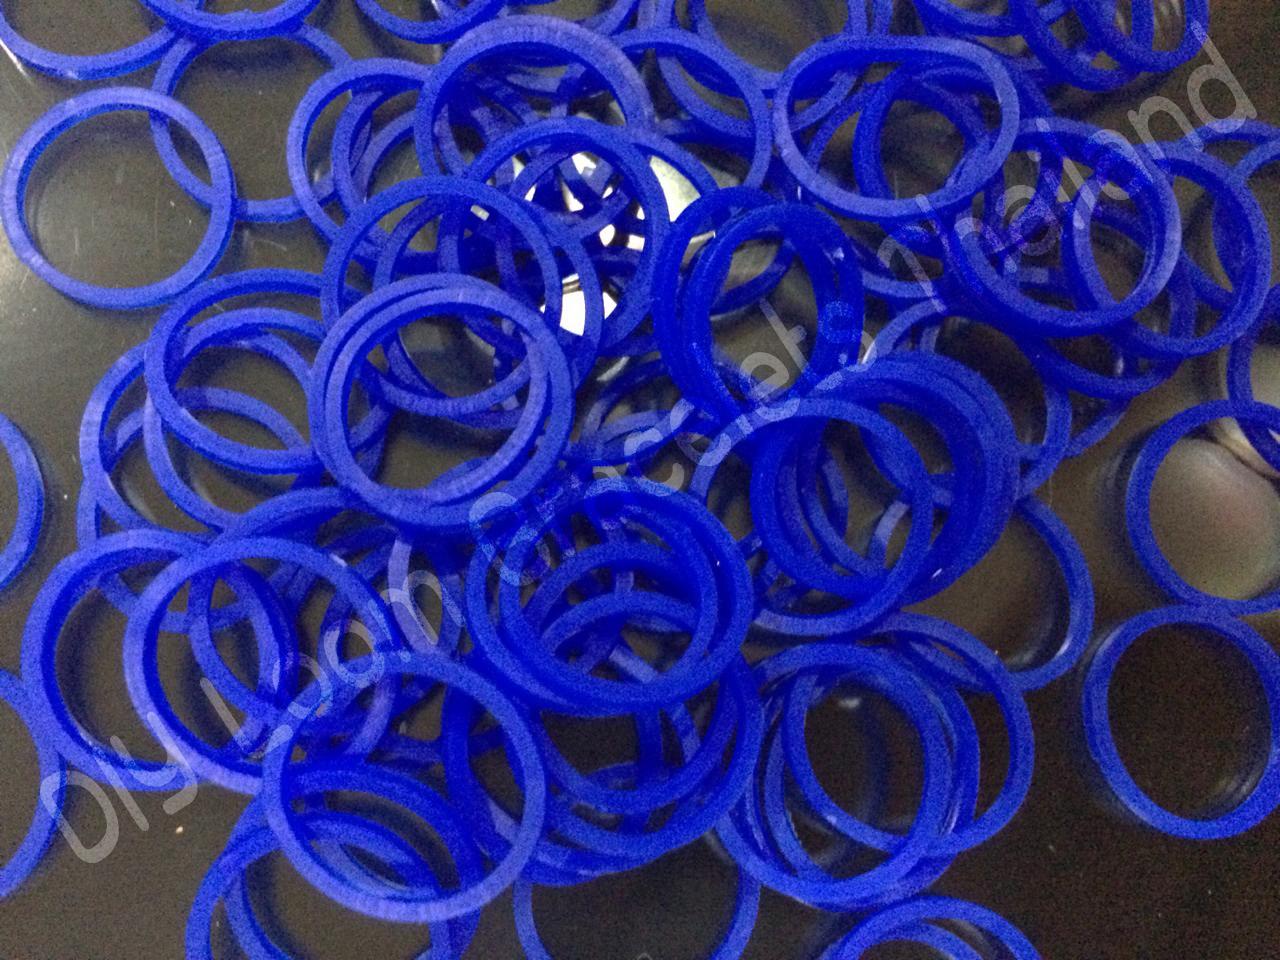 100% ซิลิโคน Loom Band สีน้ำเงินสด 600 เส้น ( # 13 )